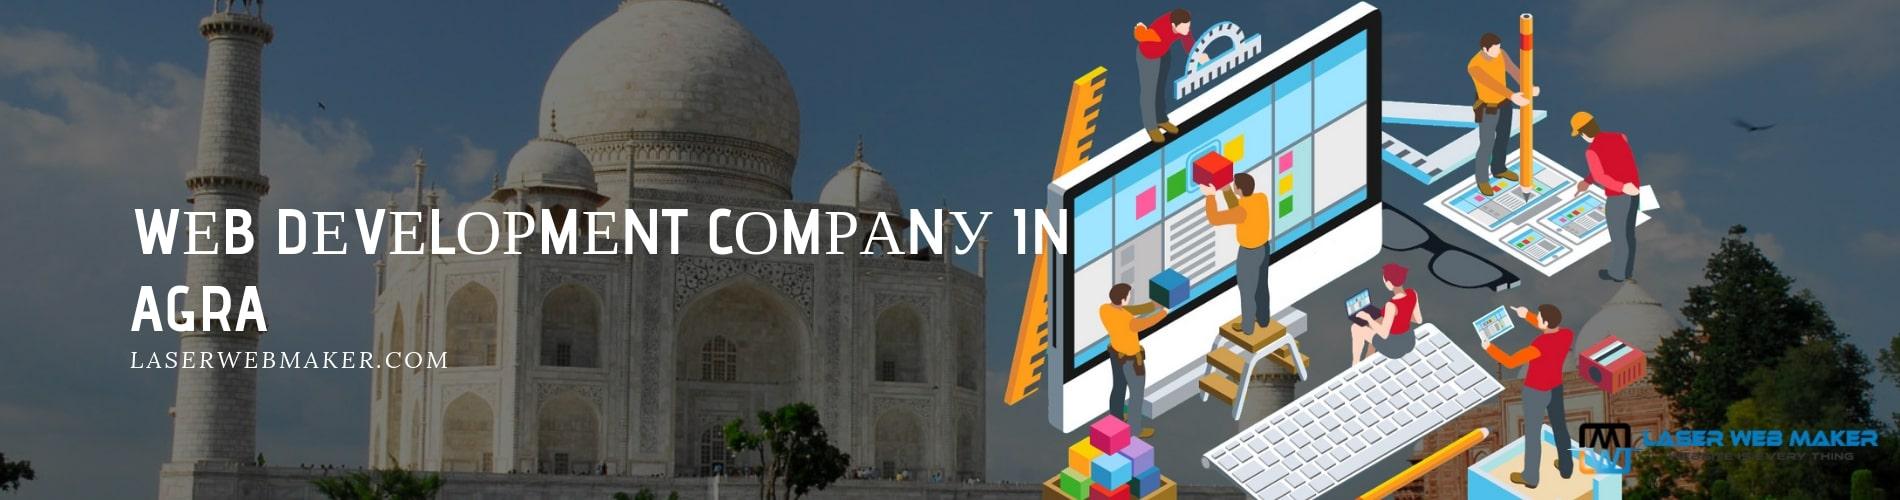 web development company in agra